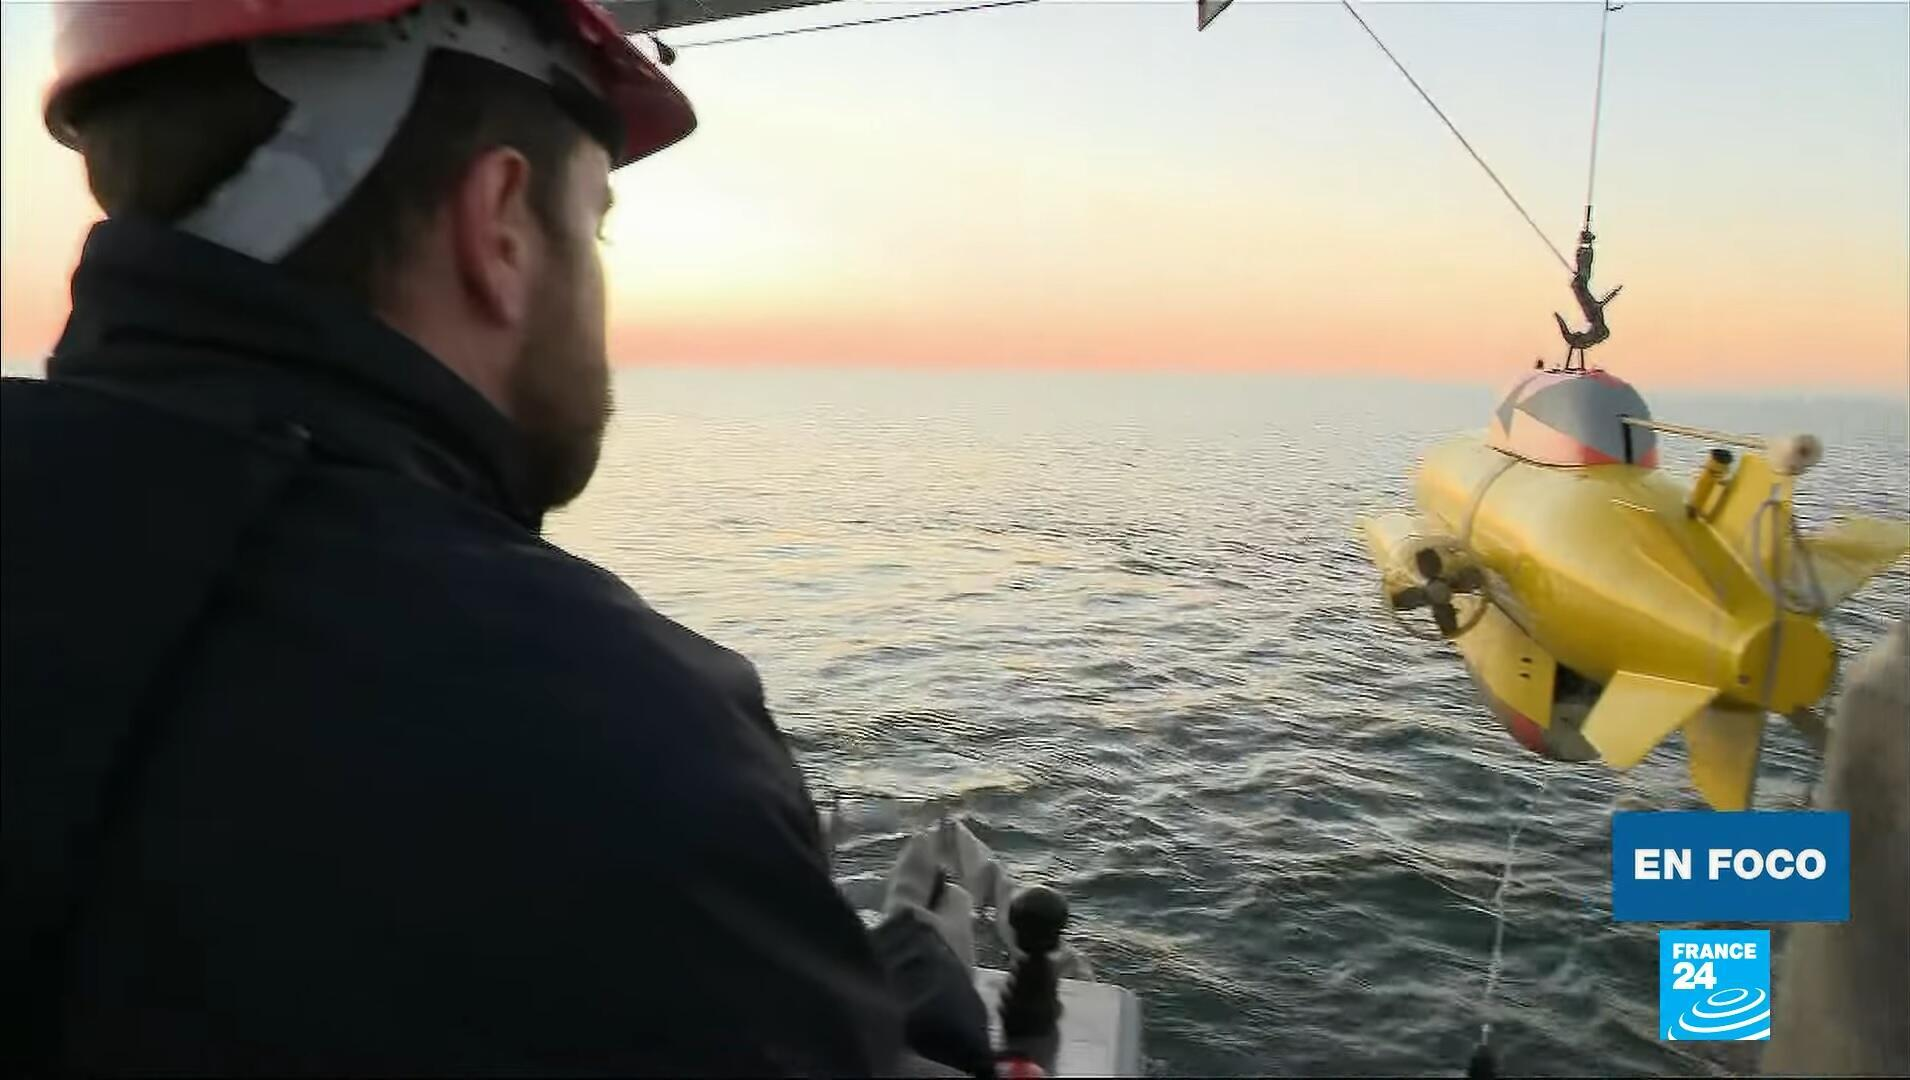 en foco - cables submarinos